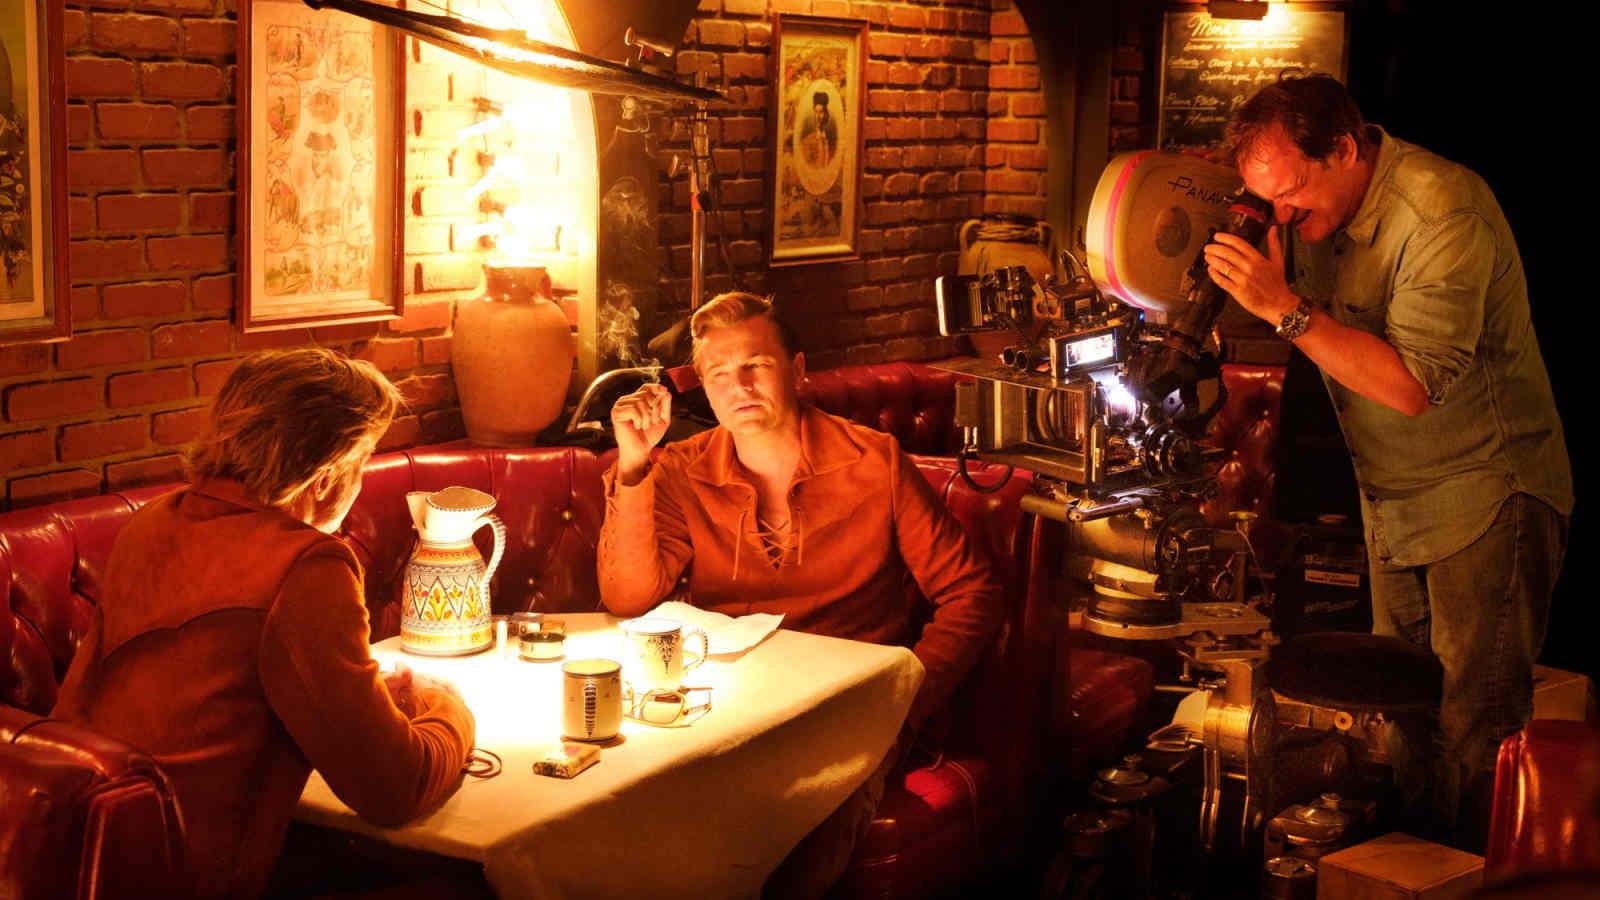 Sony ủng hộ đạo diễn Quentin Tarantino làm phim vì nghệ thuật, không cần phòng vé Trung Quốc